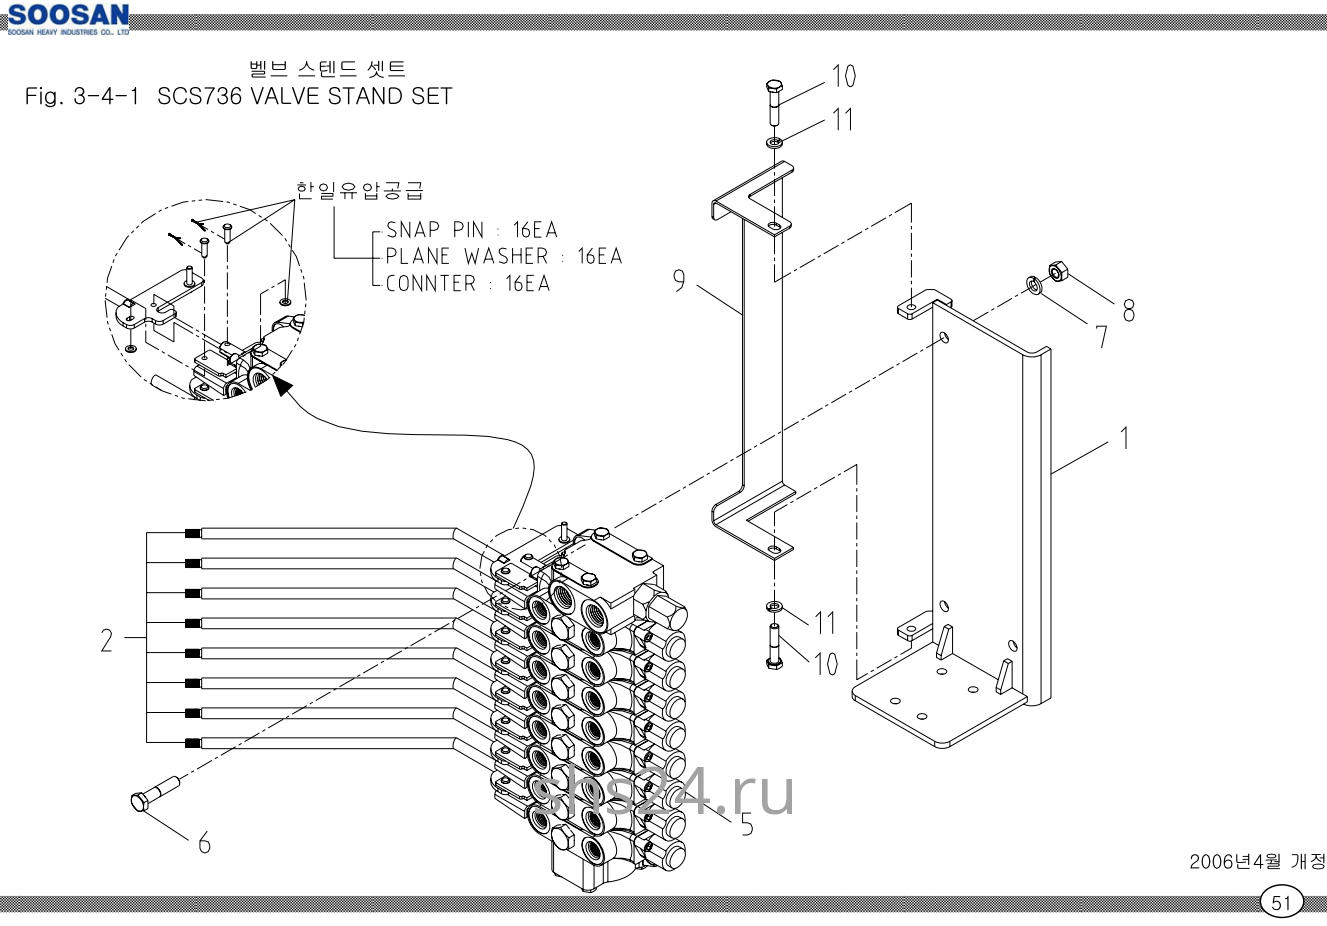 Крепление рычагов 8-ми секц. гидрораспределителя Soosan SCS 736